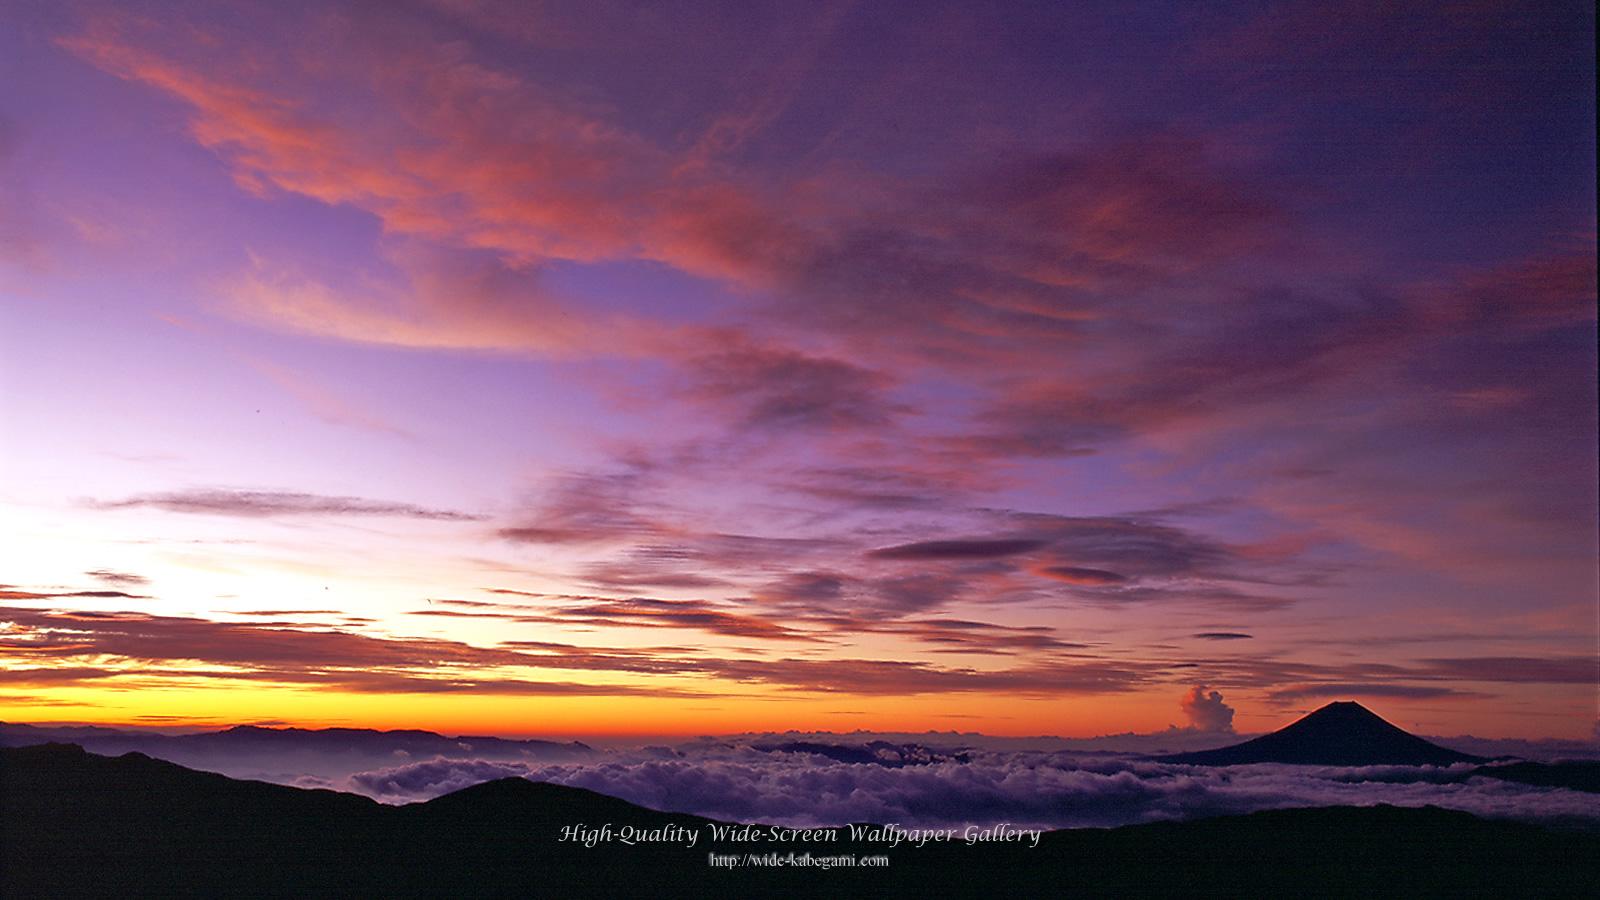 富士山のワイド壁紙 1600x900 朝焼けの富士山 無料ワイド高画質壁紙館